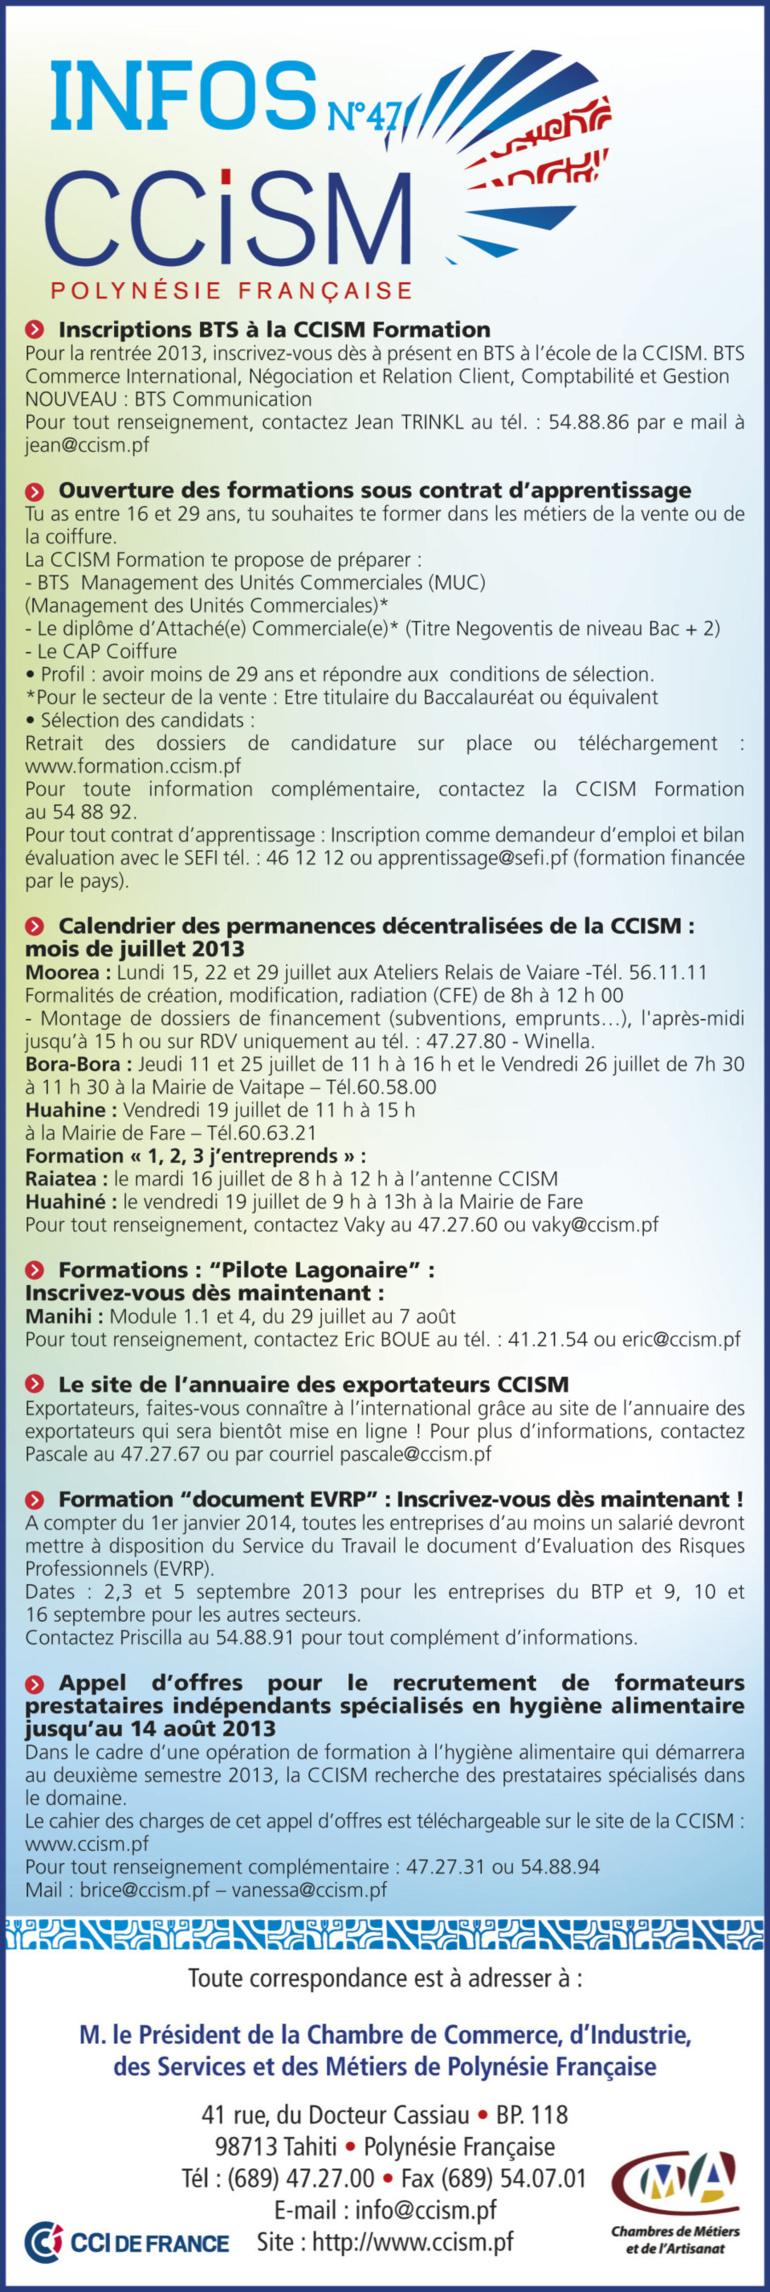 Infos CCISM N°47